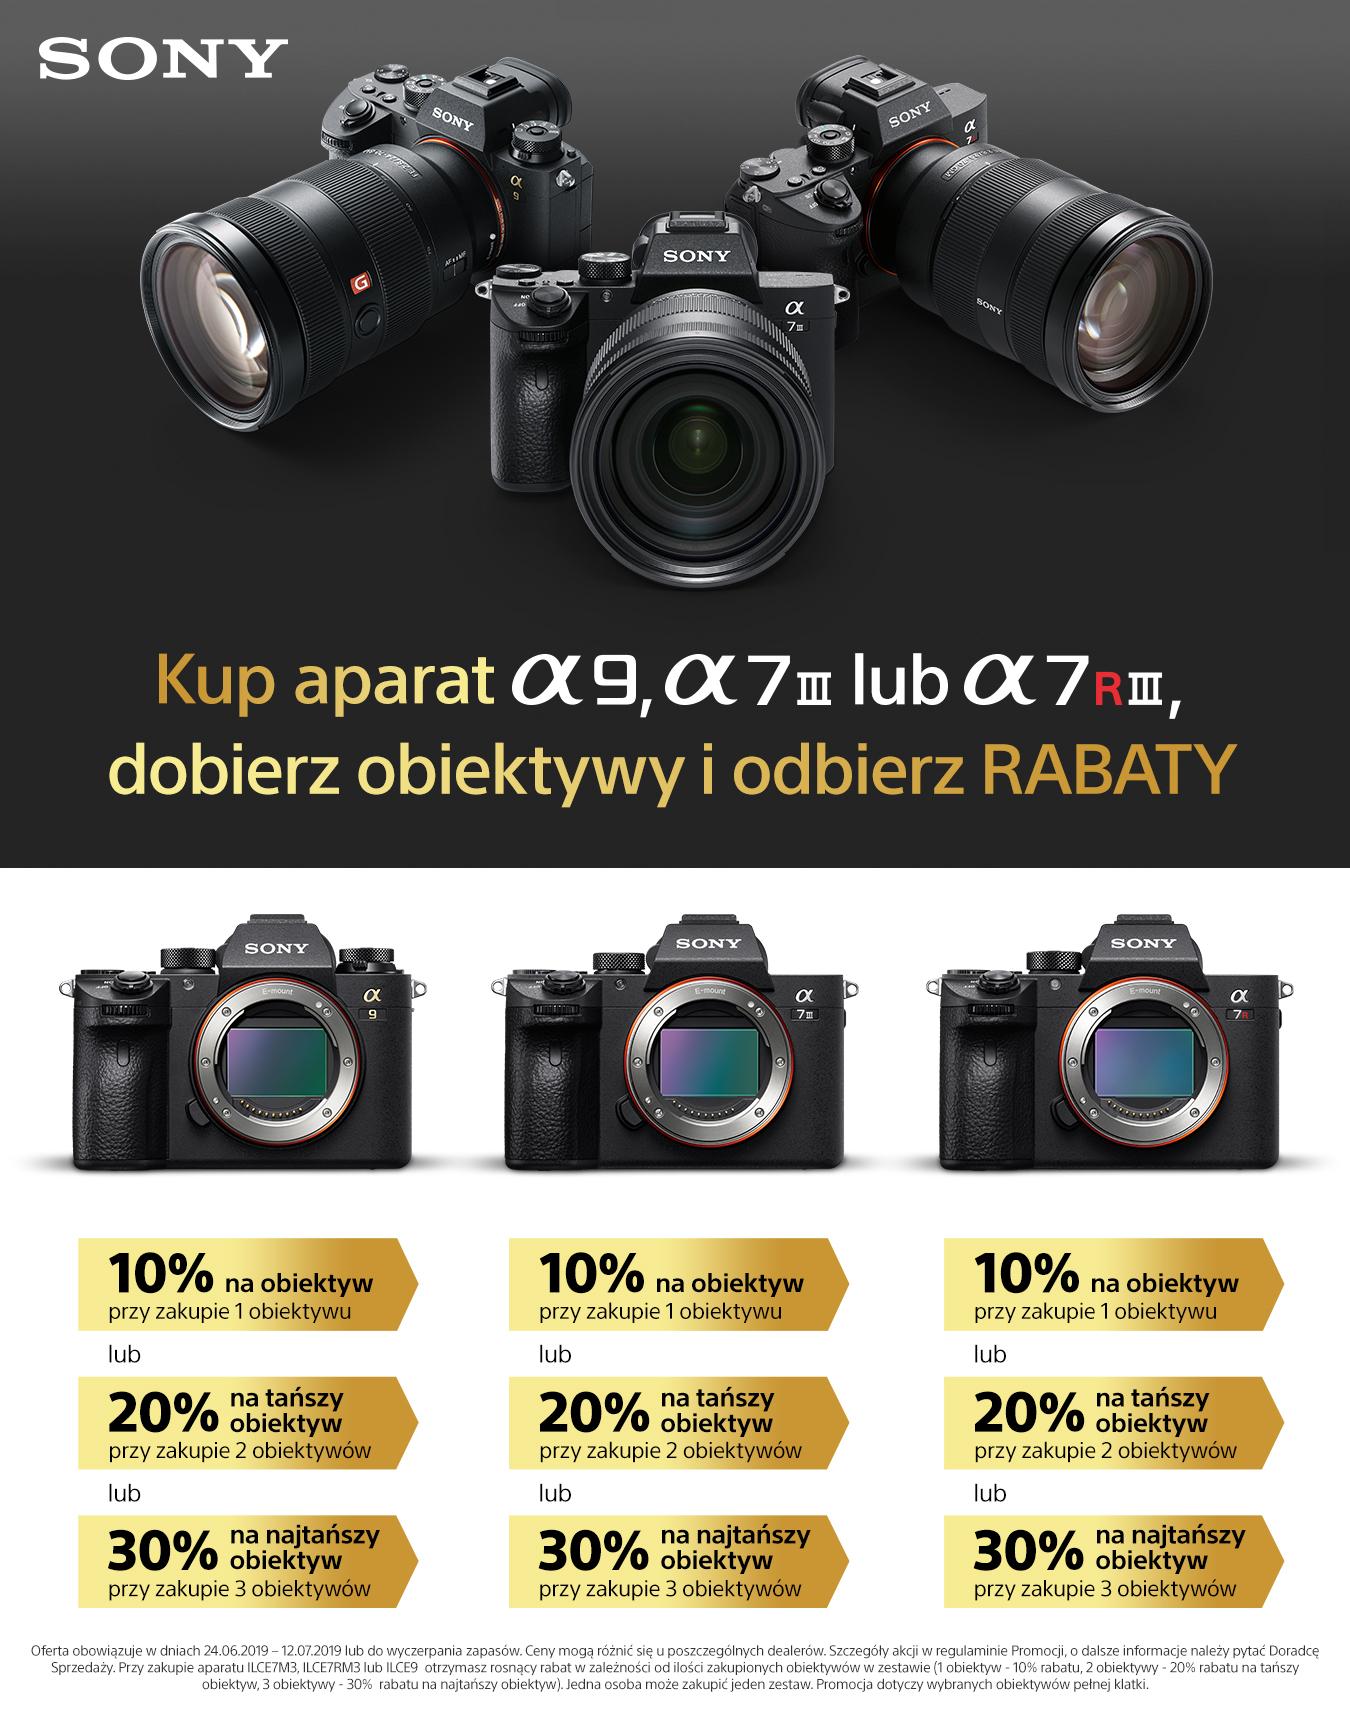 Kup aparat Sony Alpha, dobierz obiektywy, odbierz rabaty do 30%